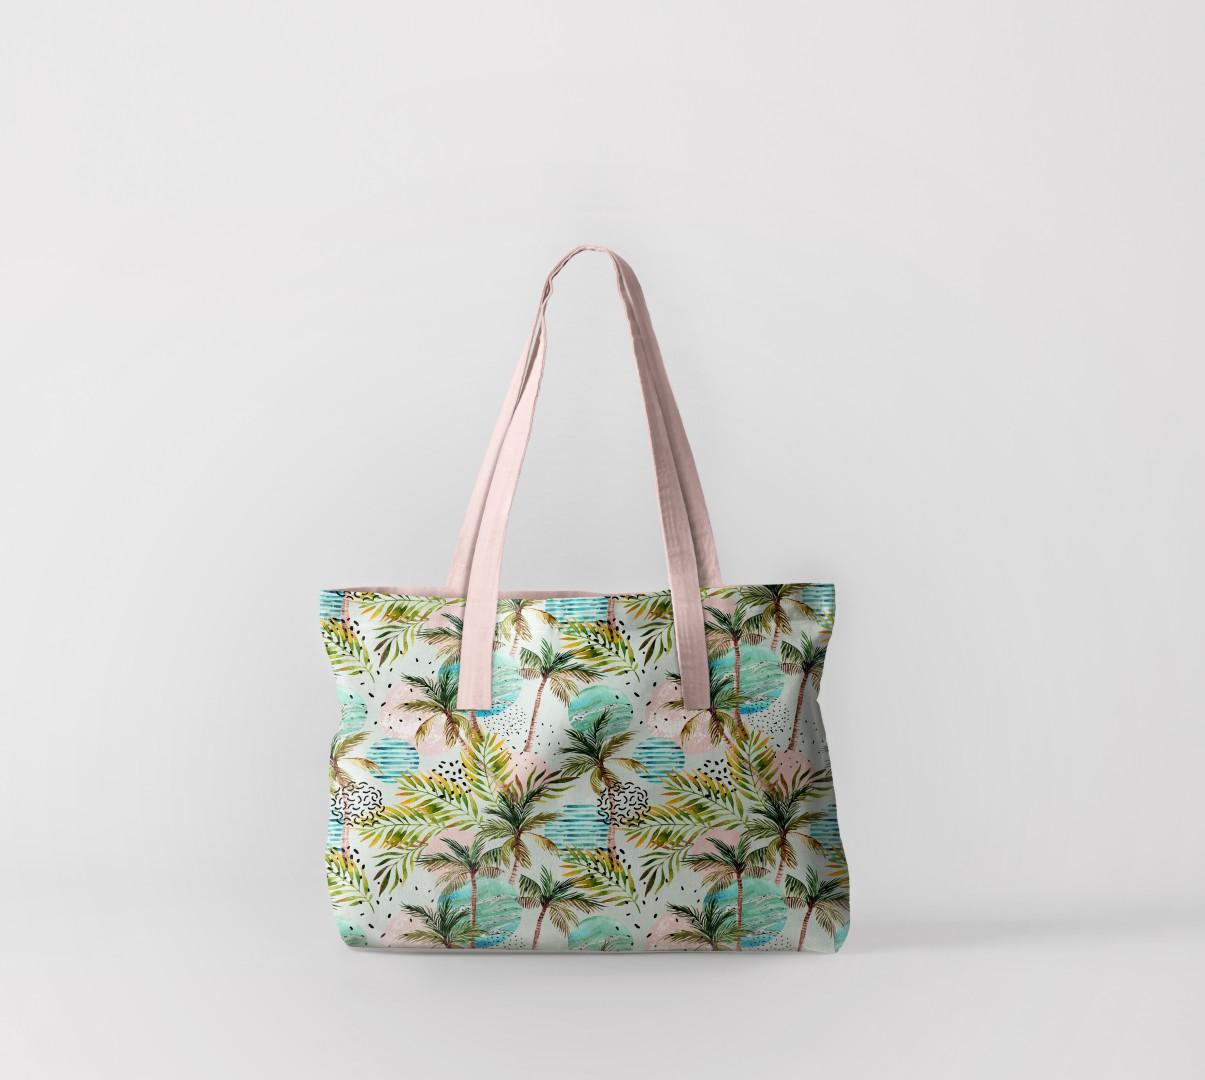 Пляжная сумка Флора тропиков 4 (50х40 см) Олимп Текстиль oli732604